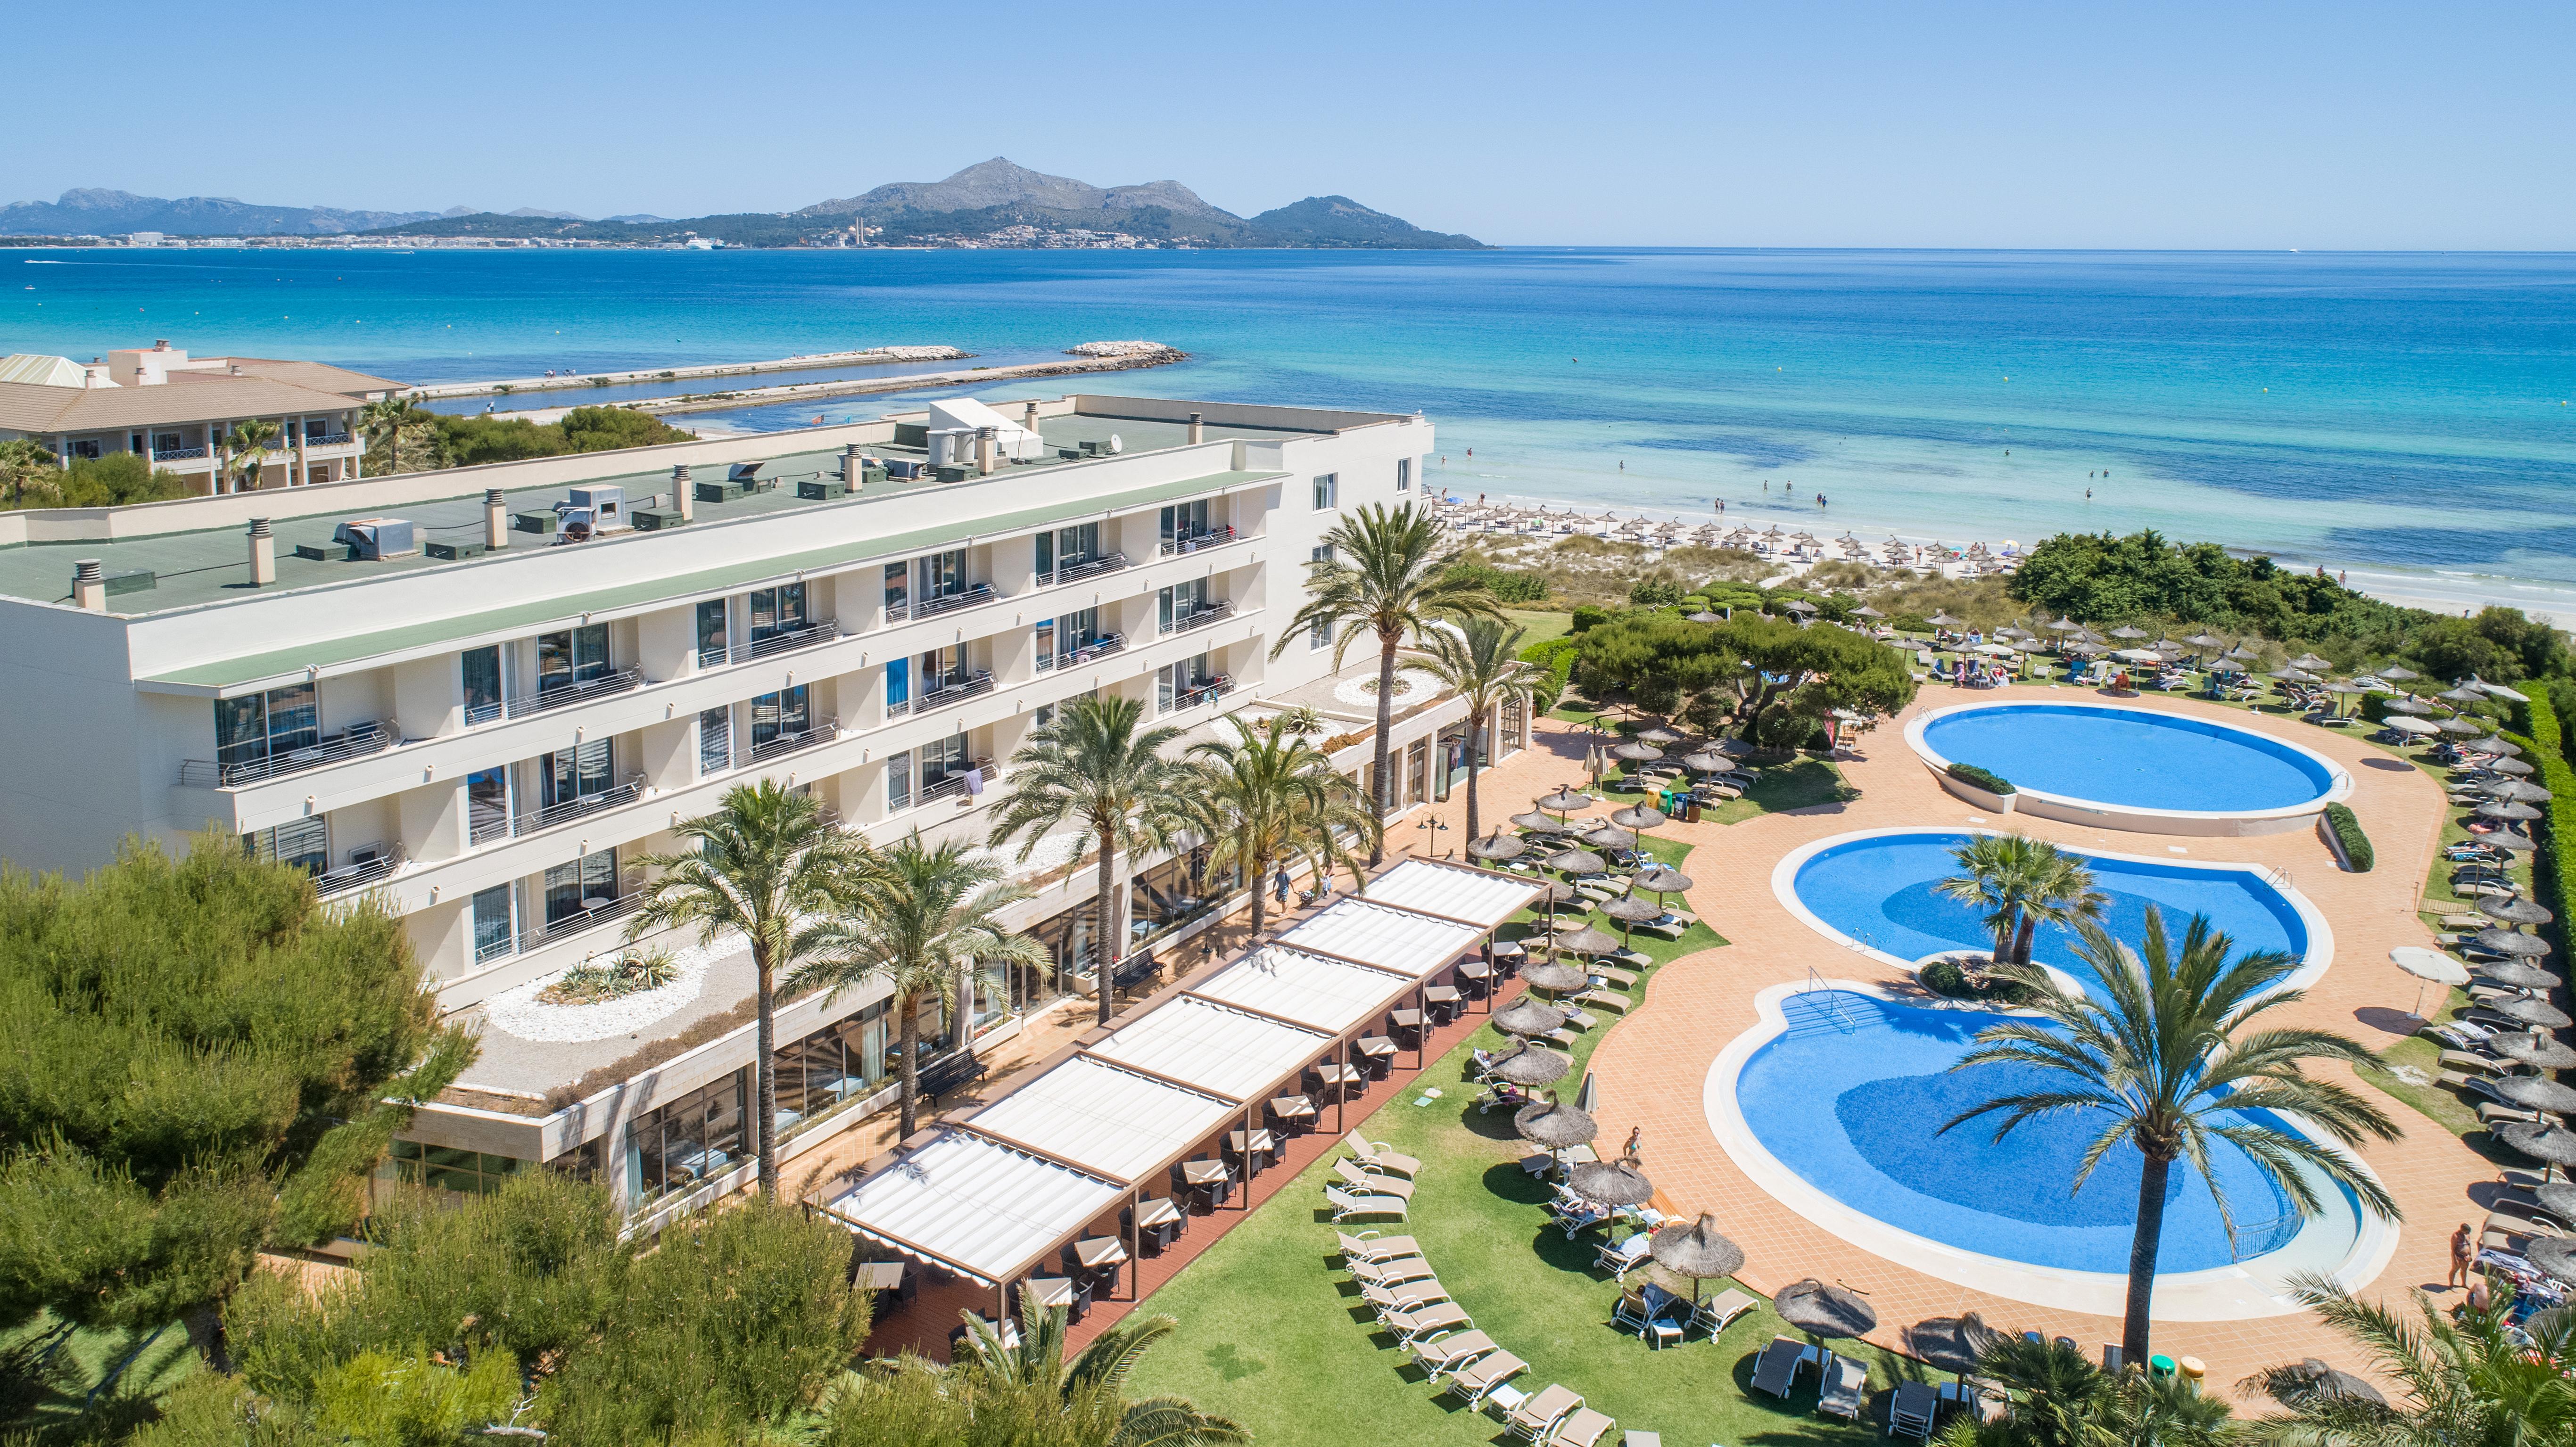 Hotel Natura Playa Alcudia